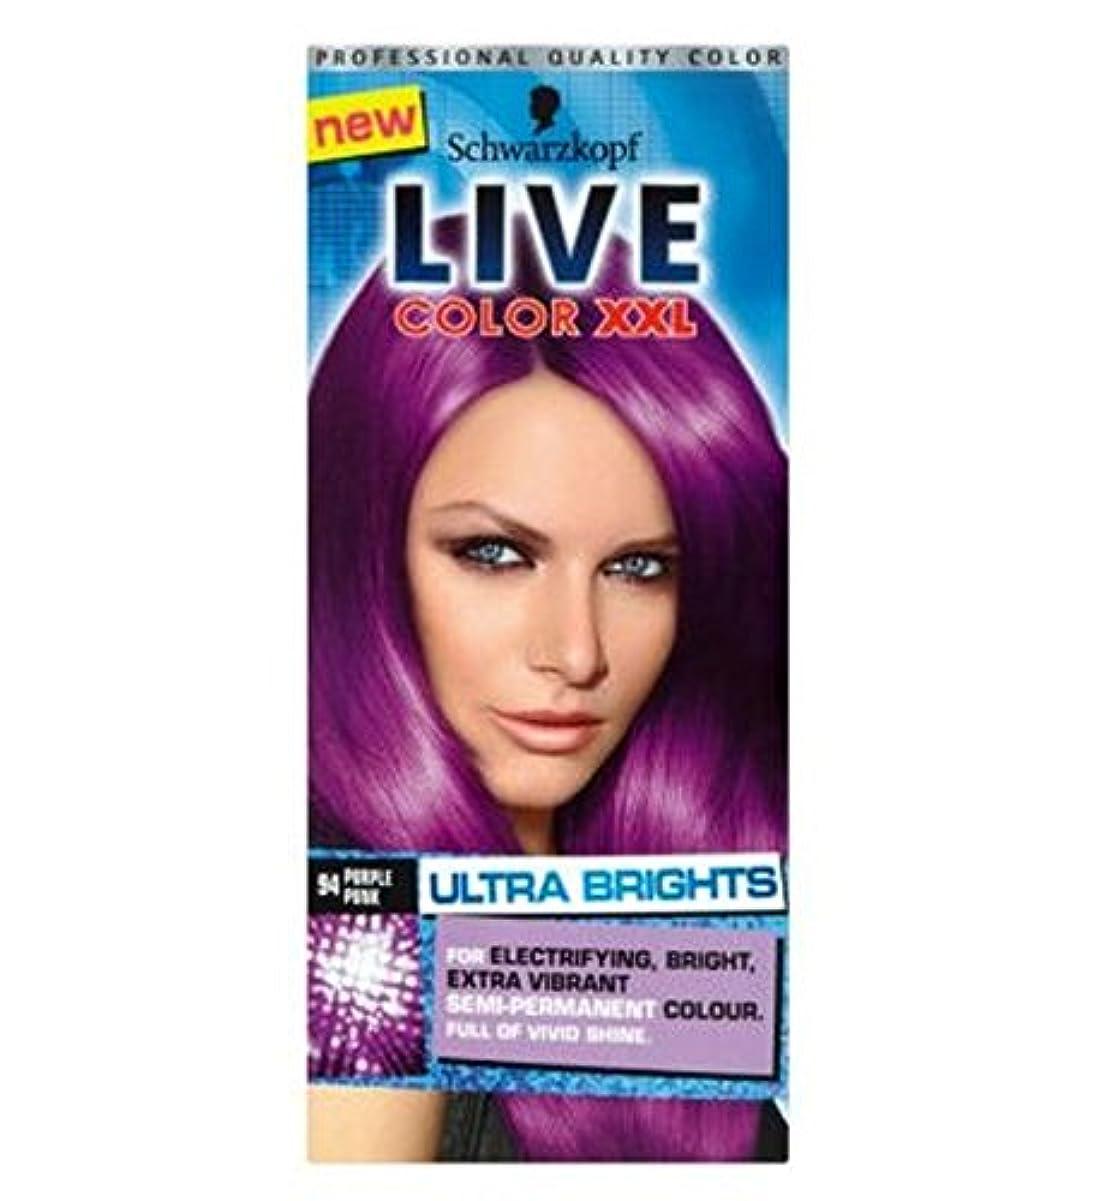 キャプテンブライ描く敷居Schwarzkopf LIVE Color XXL Ultra Brights 94 Purple Punk Semi-Permanent Purple Hair Dye - シュワルツコフライブカラーXxl超輝94紫...